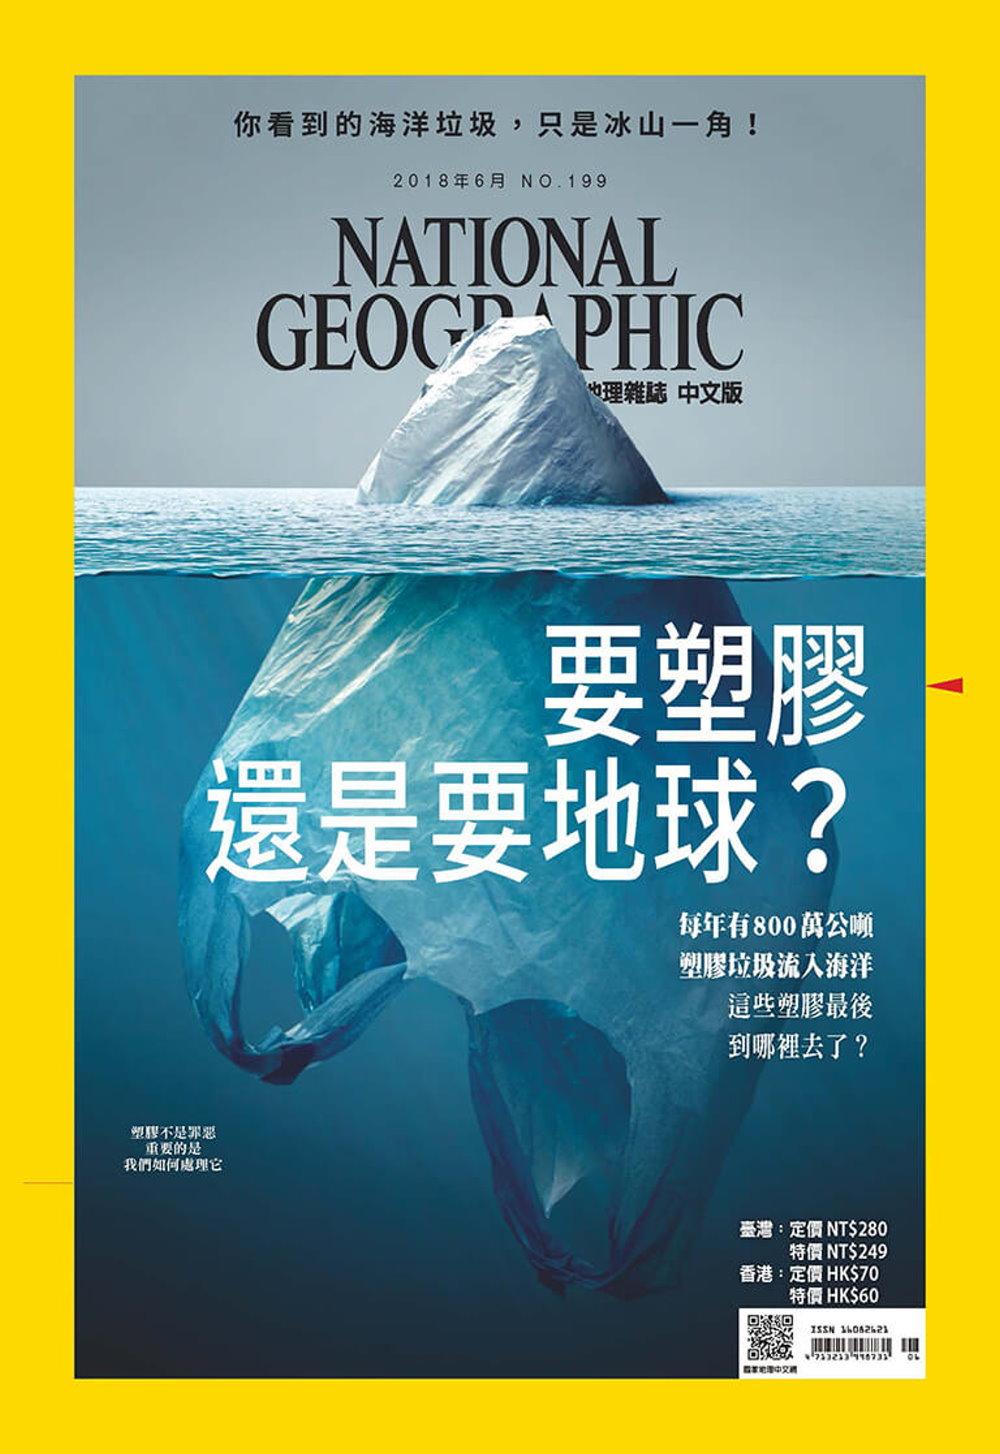 國家地理雜誌中文版 6月號/2018 第199期